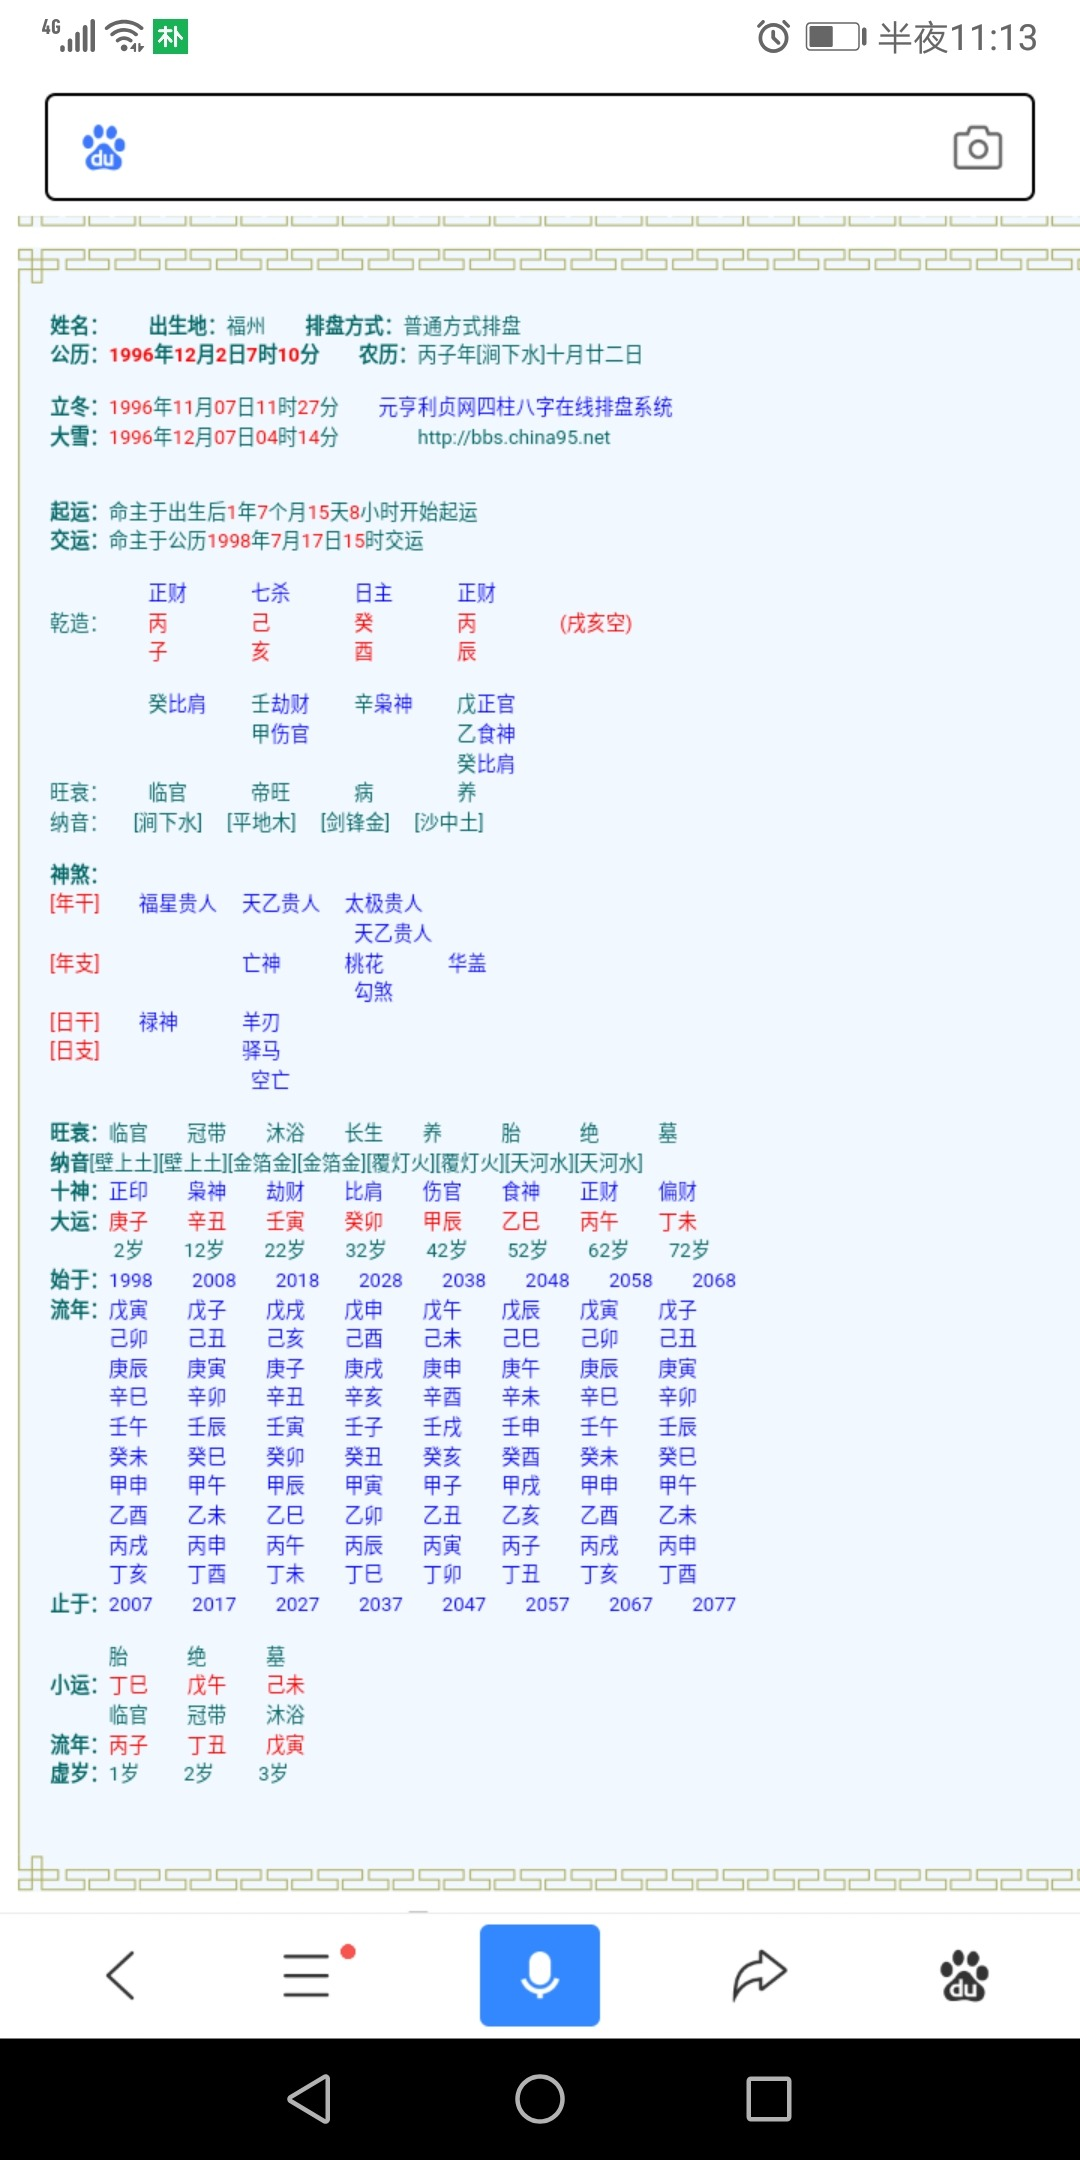 Screenshot_20190706_231347_com.baidu.searchbox.jpg